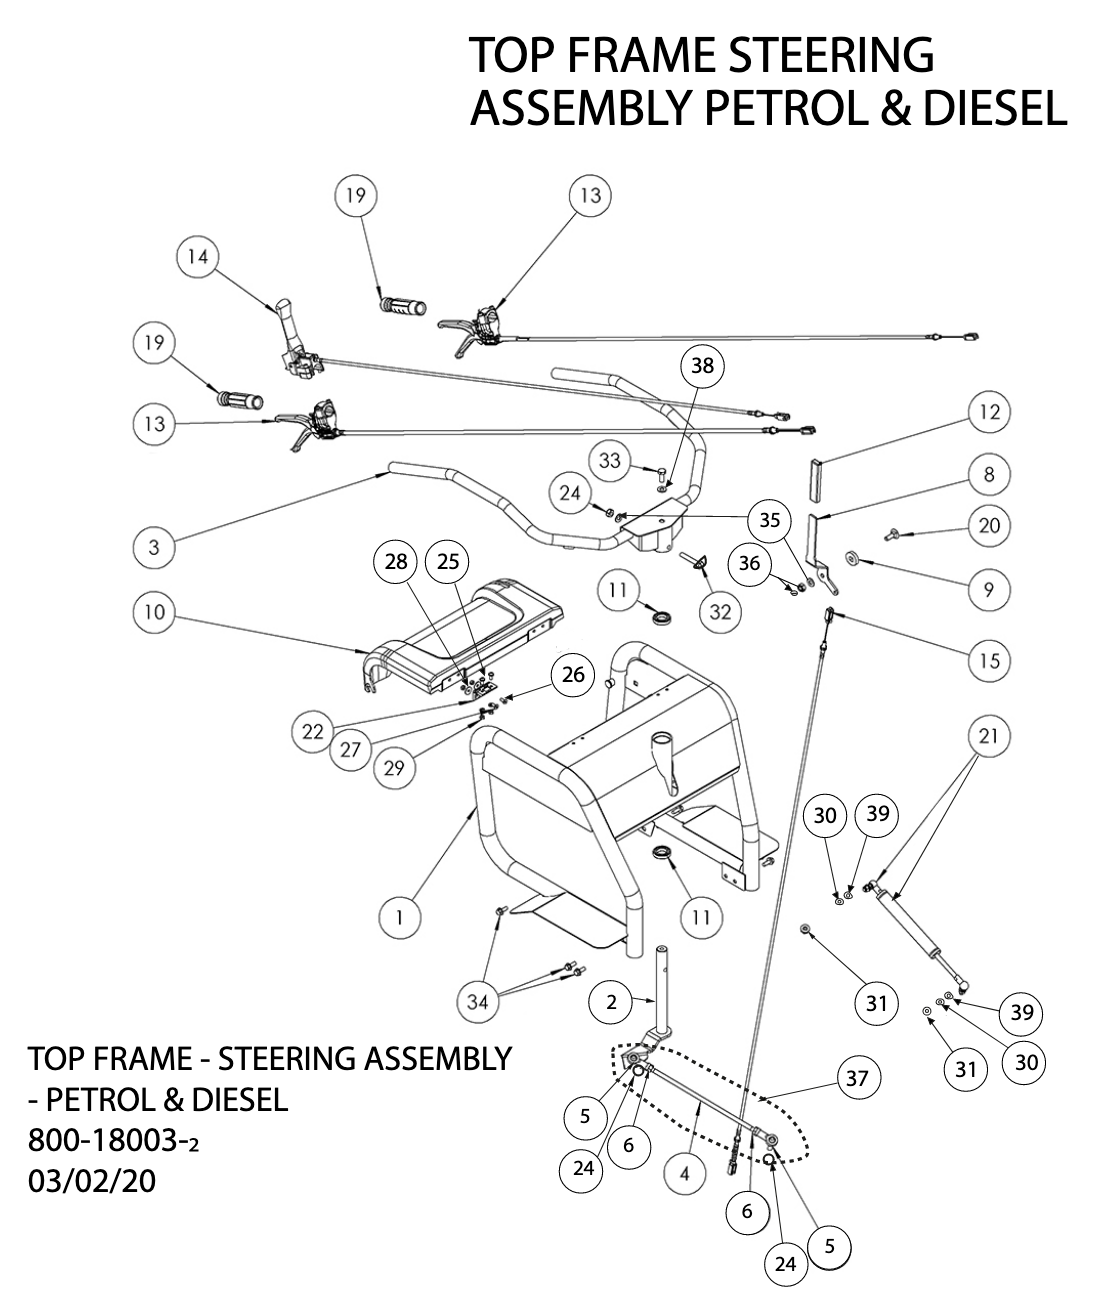 Top Frame Steering Assembly Petrol Diesel Diagram